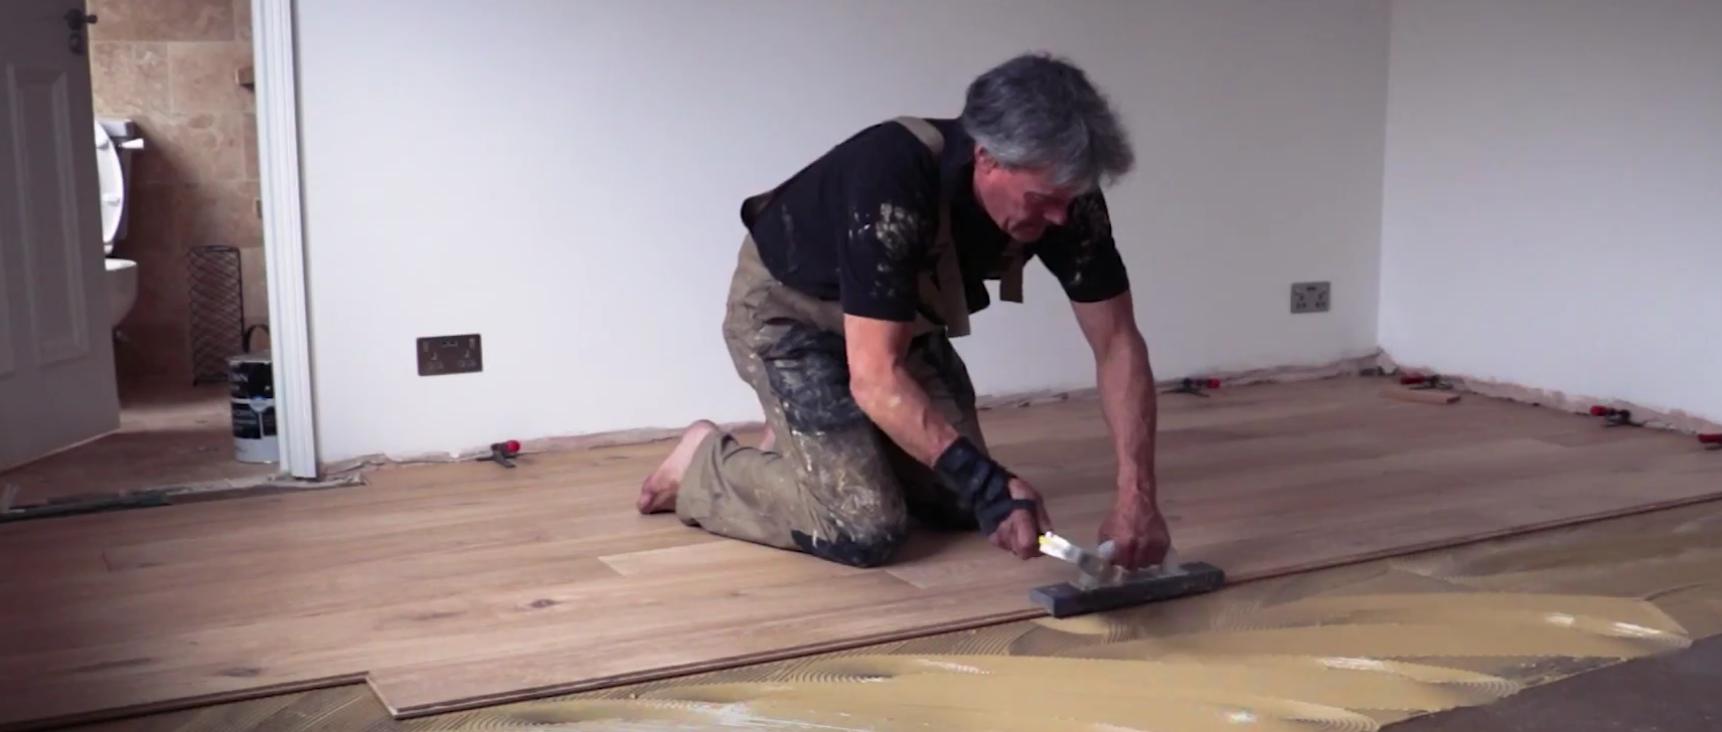 Wood Flooring Over Vinyl